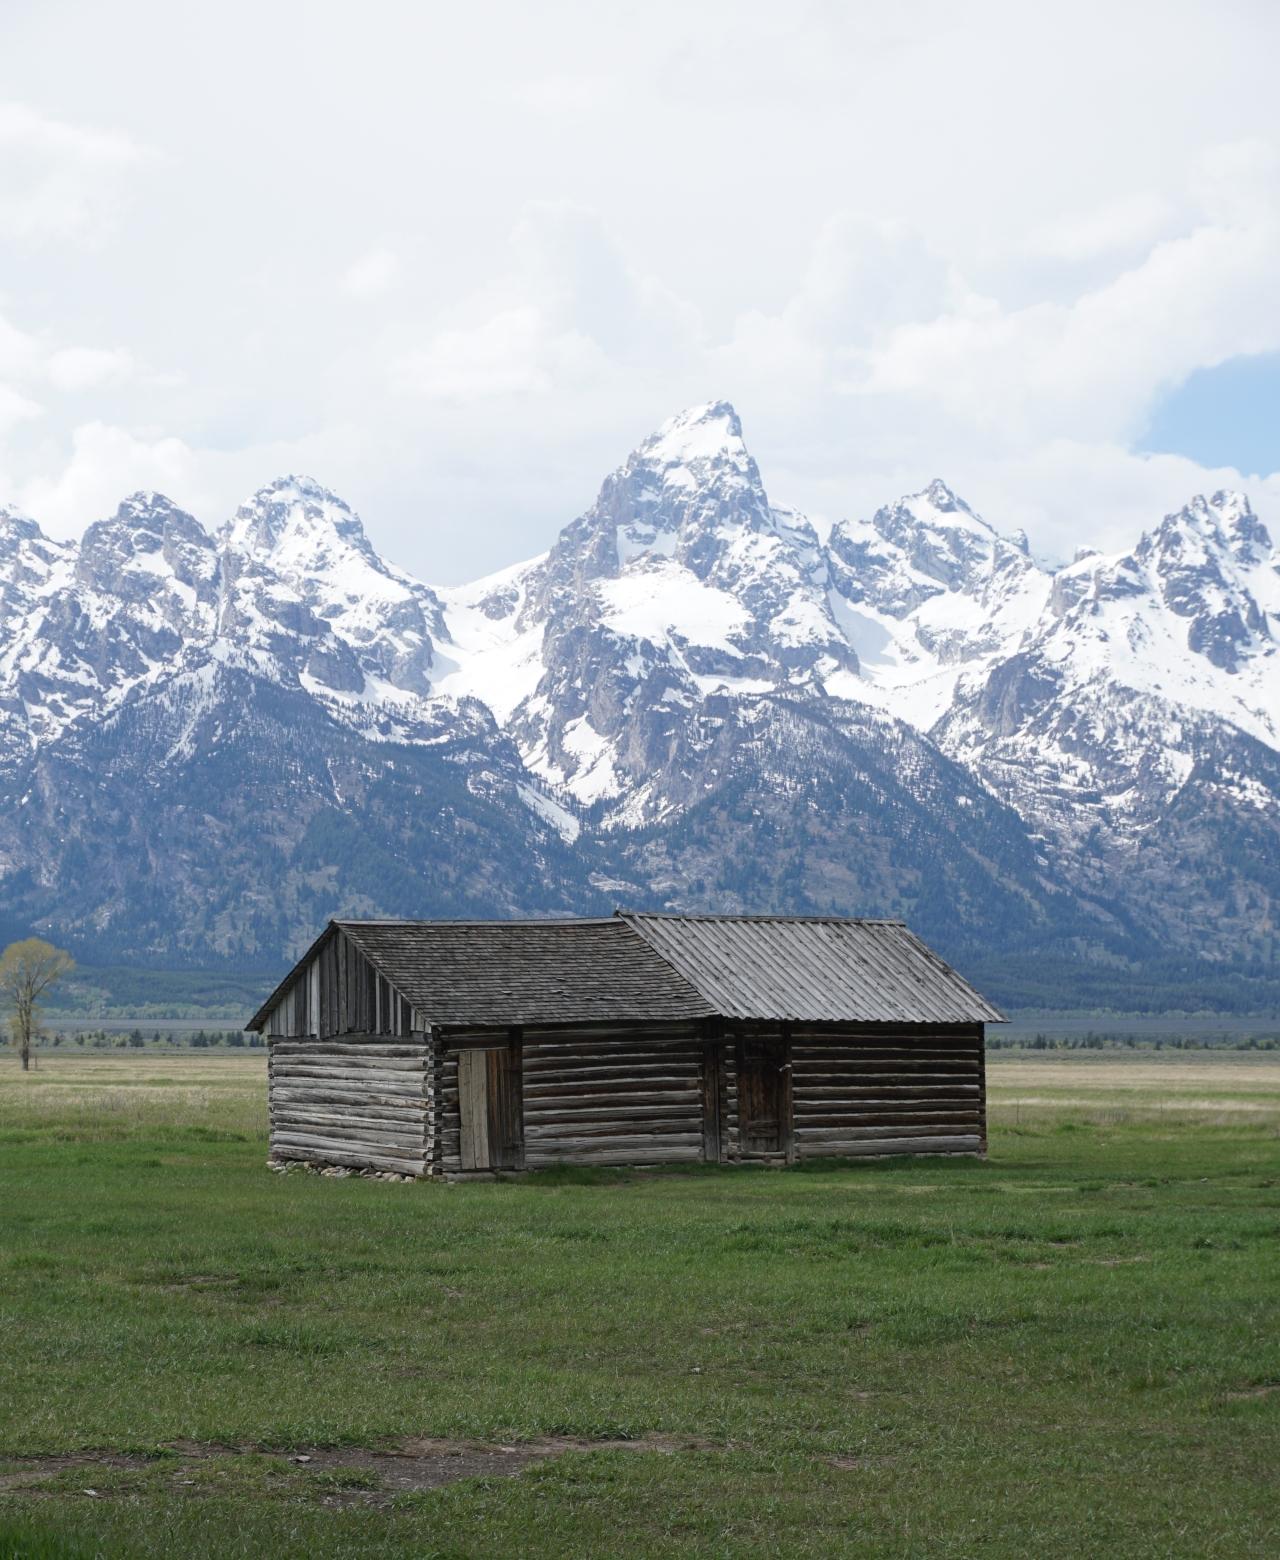 Road Trip to Grand Teton NP: Day Eight6/1/19